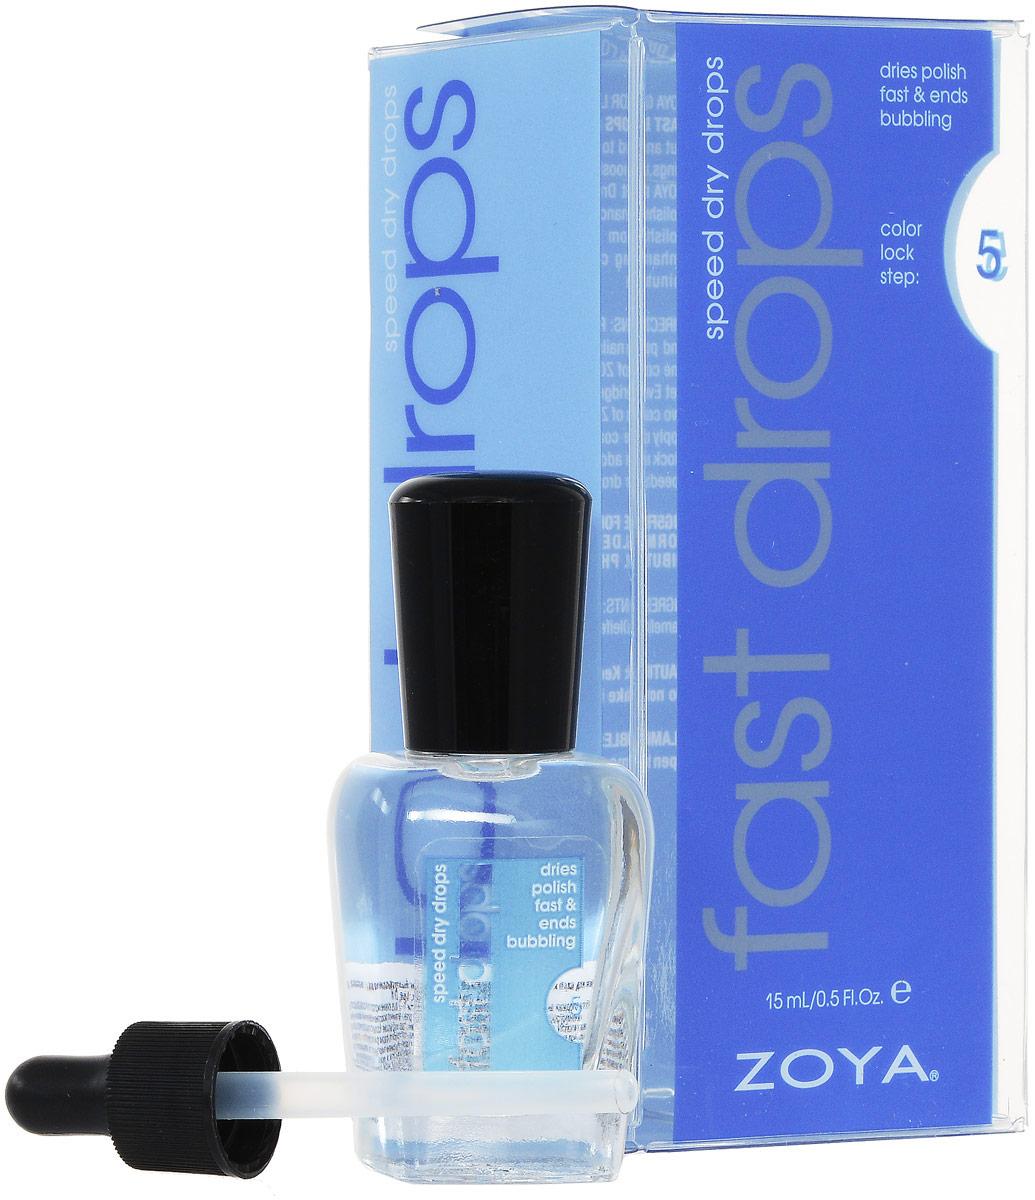 Zoya-Qtica Средство для быстрого высыхания лака для ногтей Fast Drops 15 млDB4010(DB4.510)_белоснежкаПозволяет высушить лак в два раза быстрее, предотвращая образование пузырей и делая цвет лака еще более насыщенным. Сохраняет яркий идеальный цвет до двух недель при нанесении каждый раз после нанесения верхнего покрытия ZOYA Armor Topcoat каждые два дня.